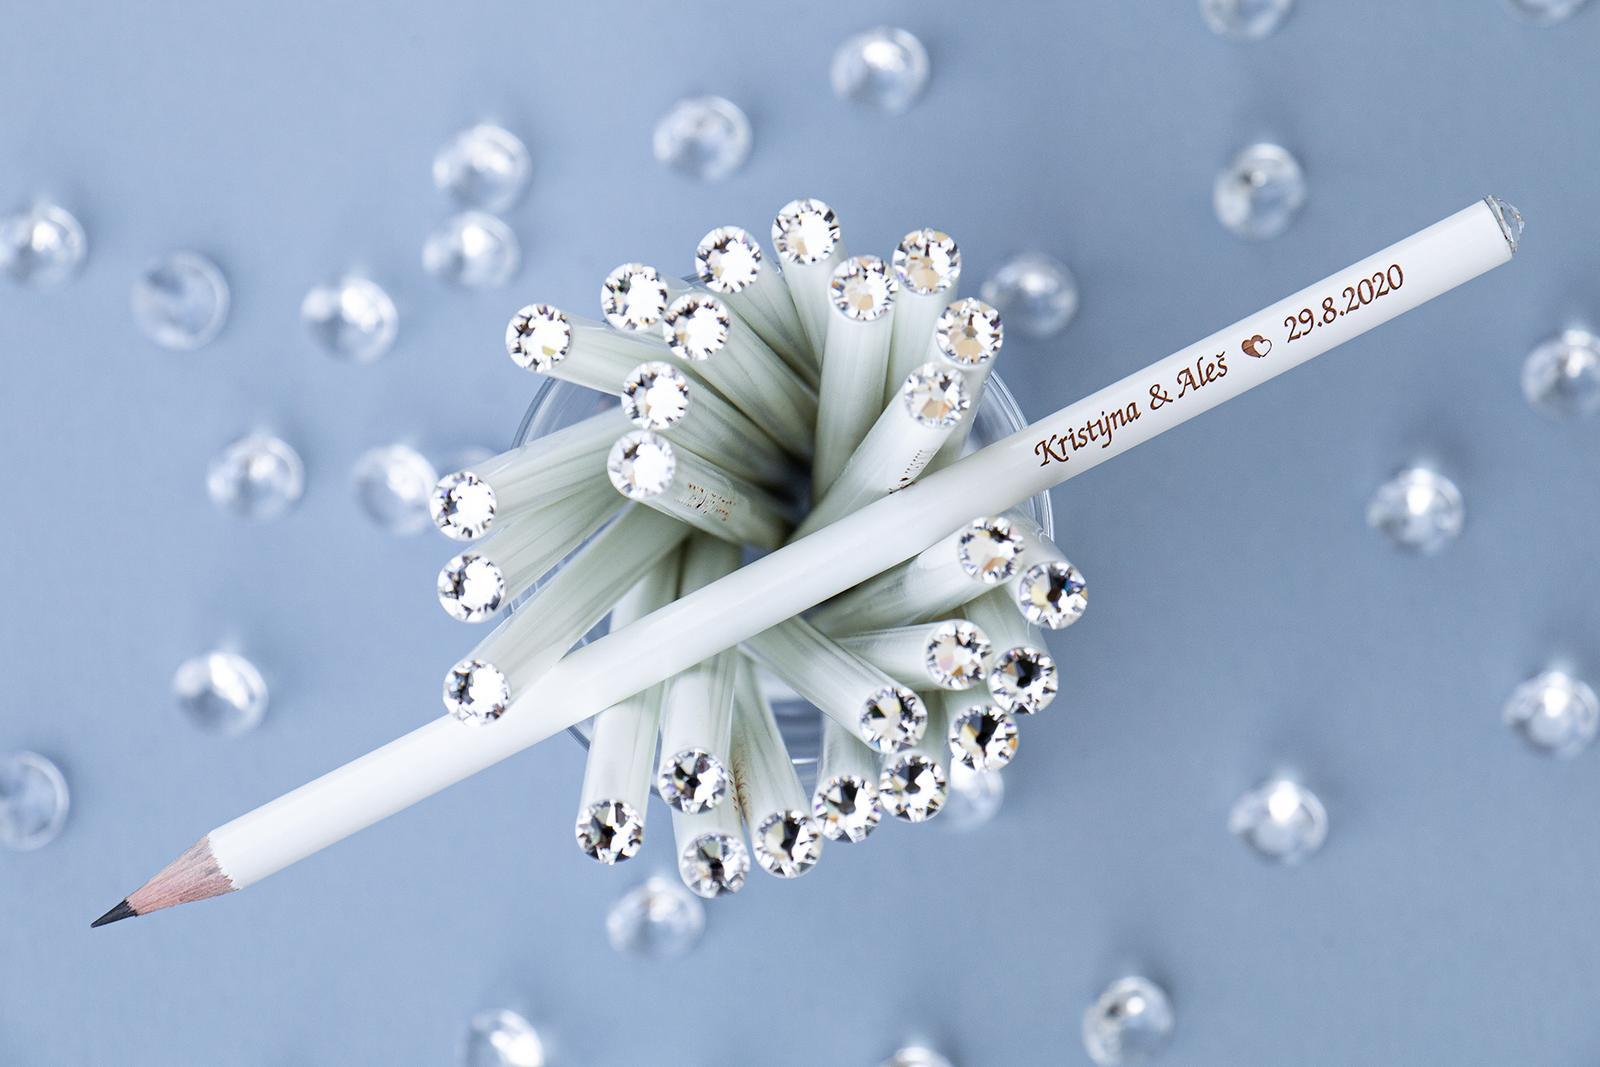 martin_patek - svatební tužky pro hosty s vaším textem